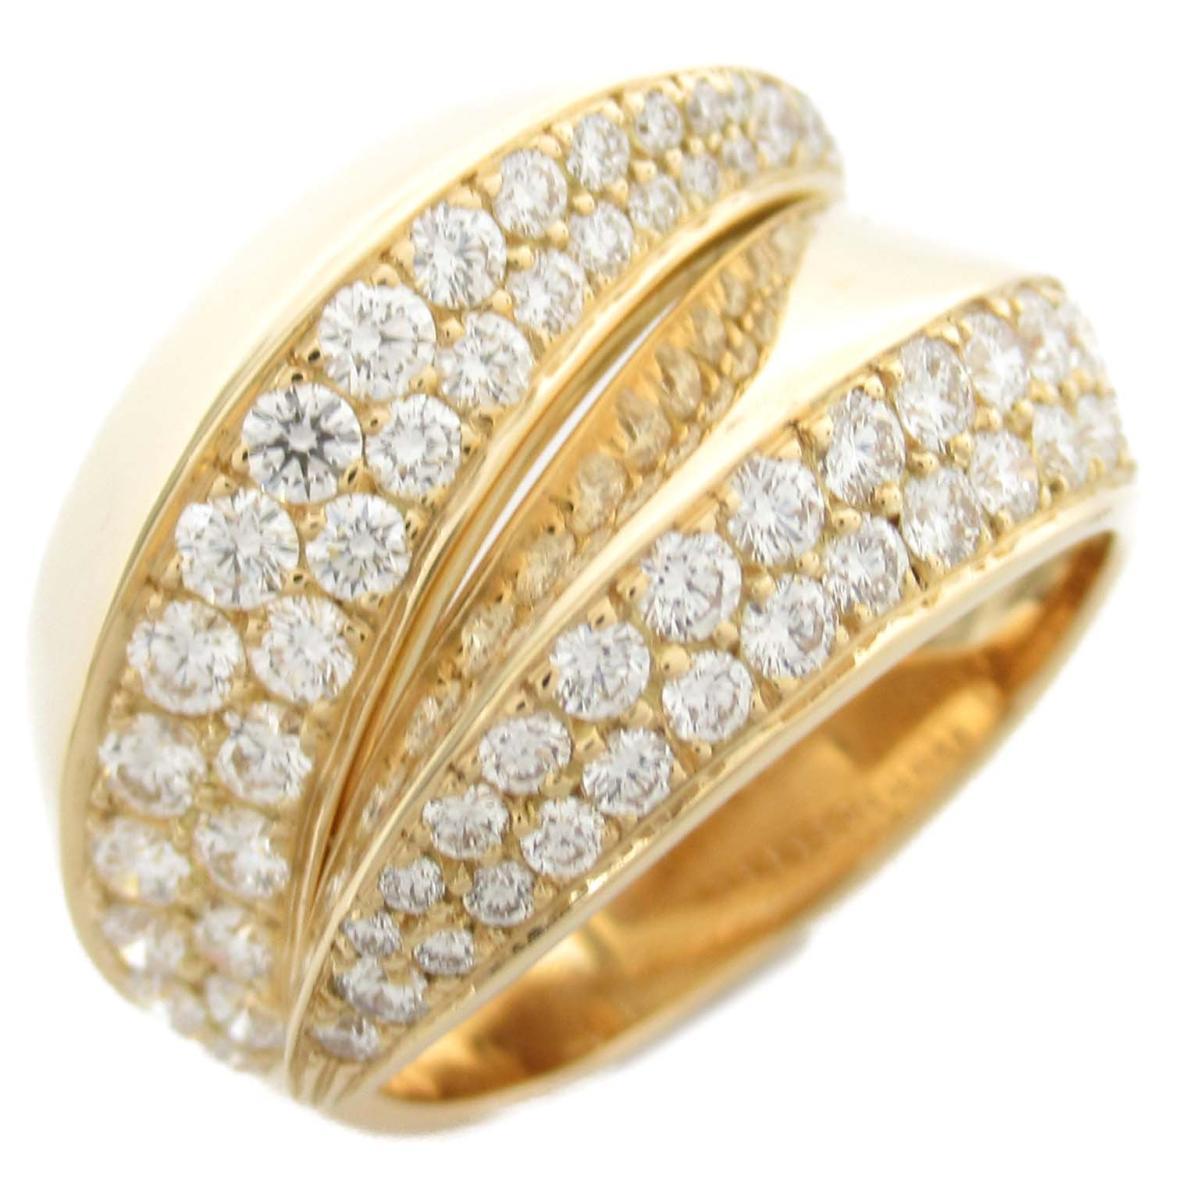 カルティエ パンテールグリフリング ダイヤモンド 指輪 ブランドジュエリー レディース K18YG (750) イエローゴールド x 【中古】   Cartier BRANDOFF ブランドオフ ブランド ジュエリー アクセサリー リング